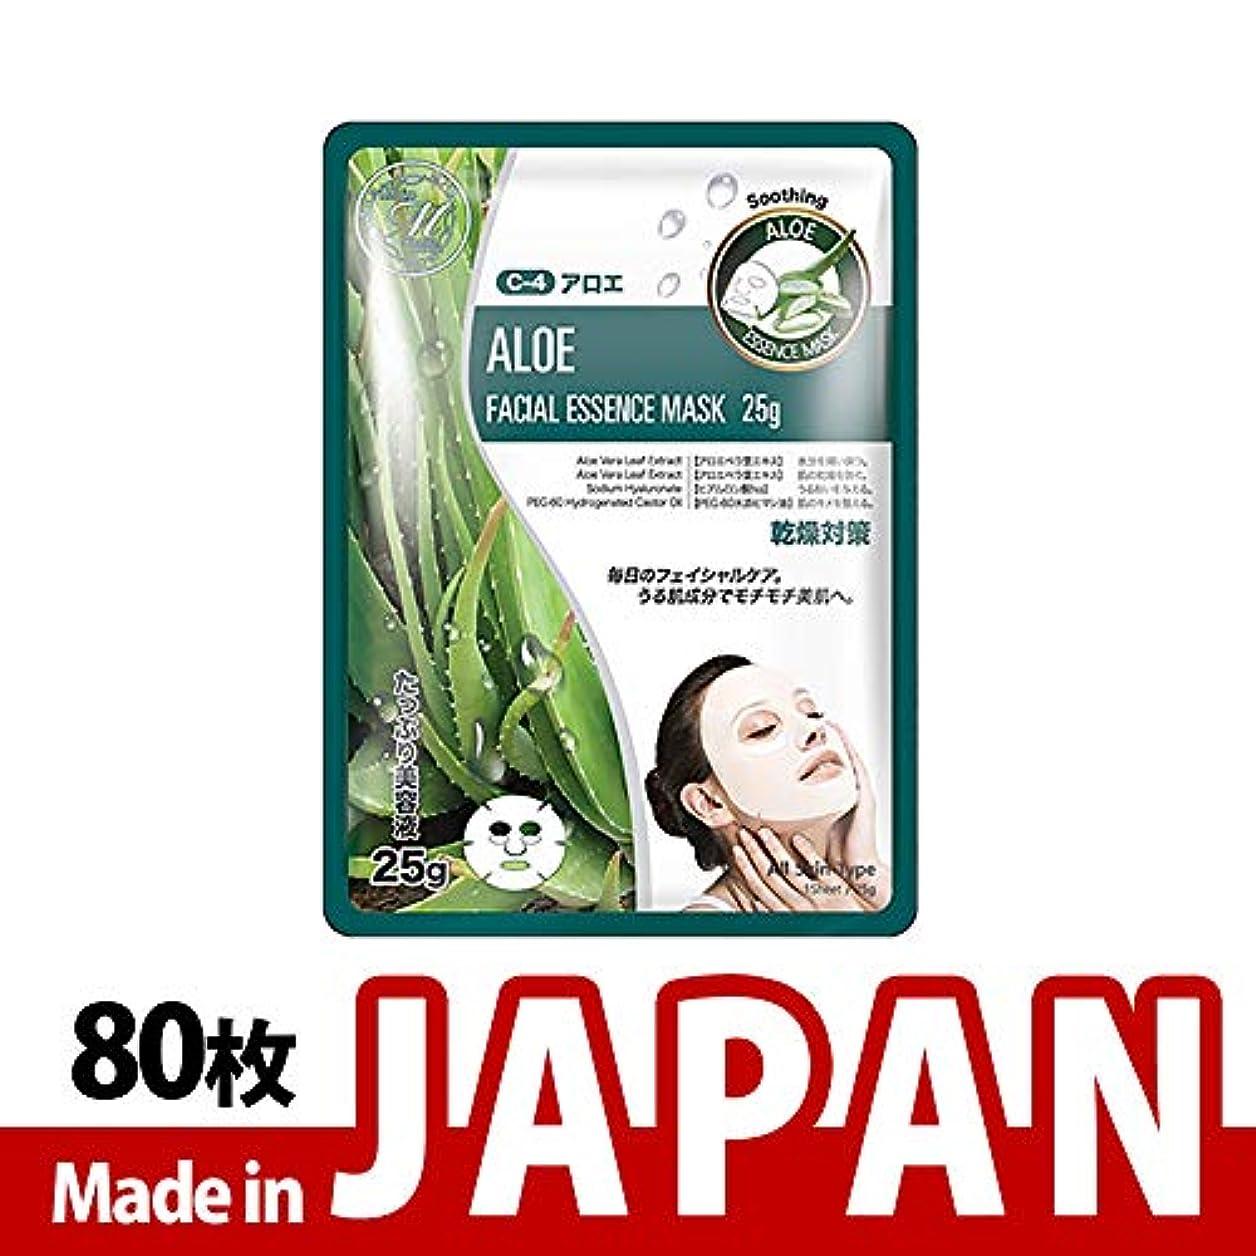 アスレチックゴミ箱味方MITOMO【MT512-C-4】日本製シートマスク/10枚入り/80枚/美容液/マスクパック/送料無料